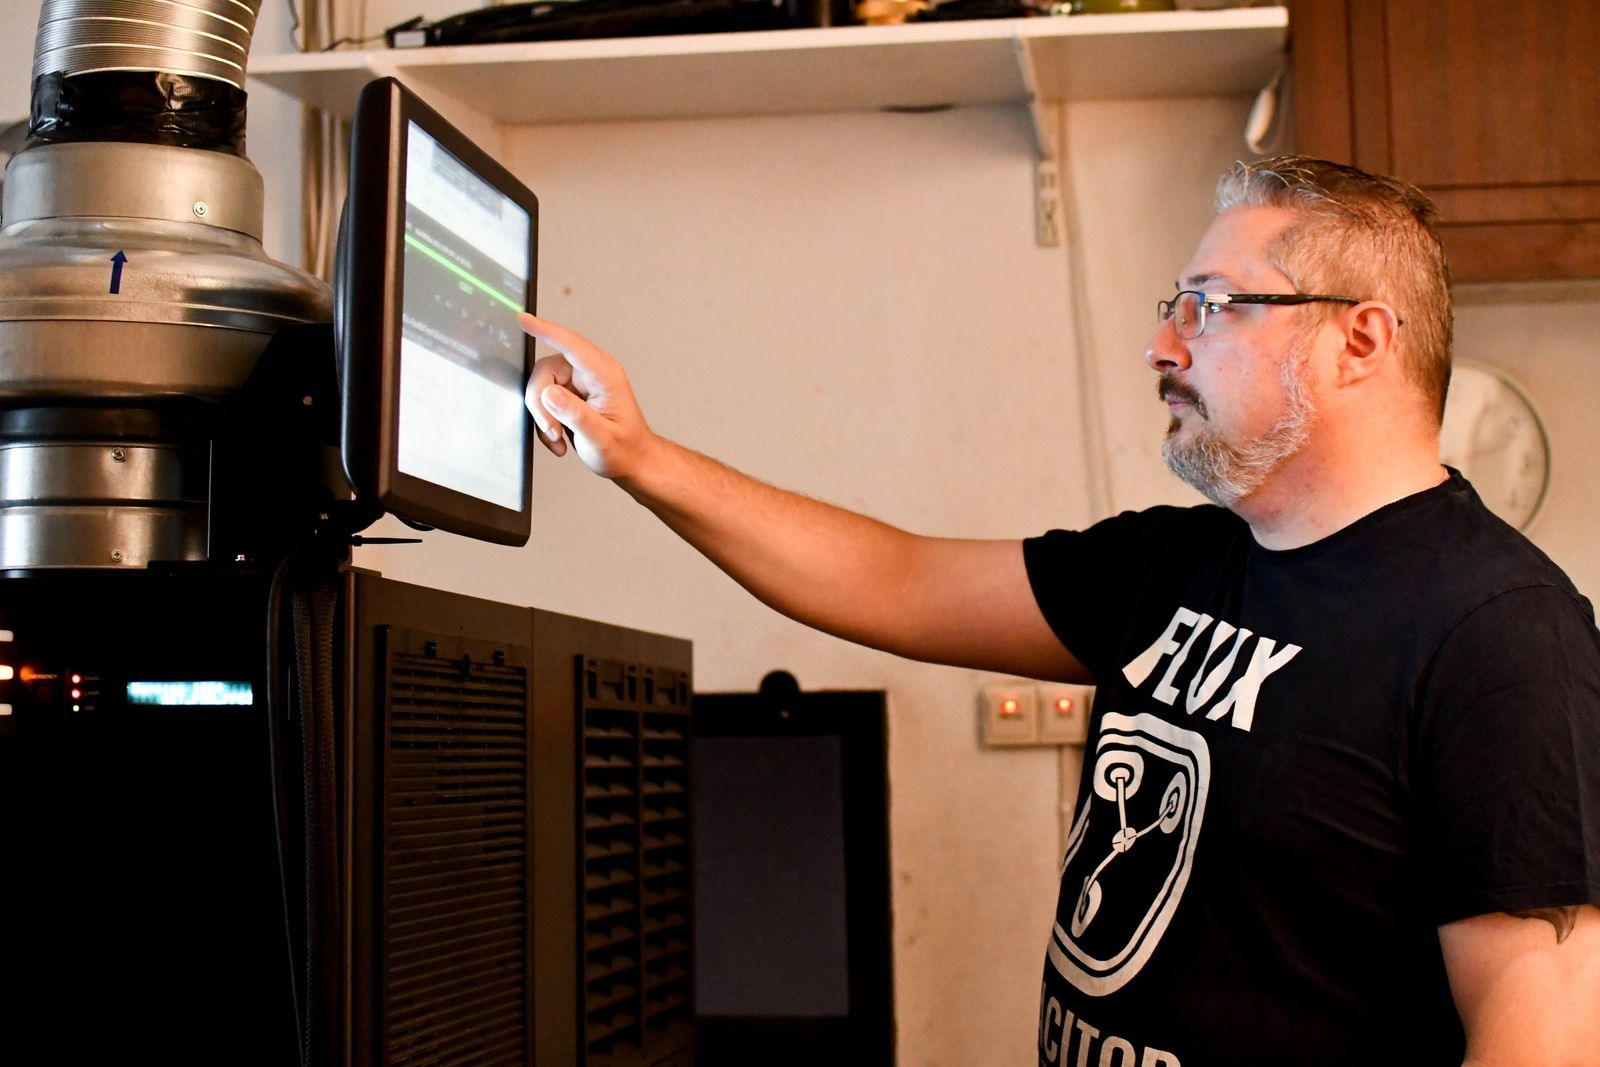 Föreningen investerade i en ny projekter för stora salongen 2019. Filmstart och -slut sker idag automatiskt om Thomas Cronholms schemaläggning funkar som den ska.